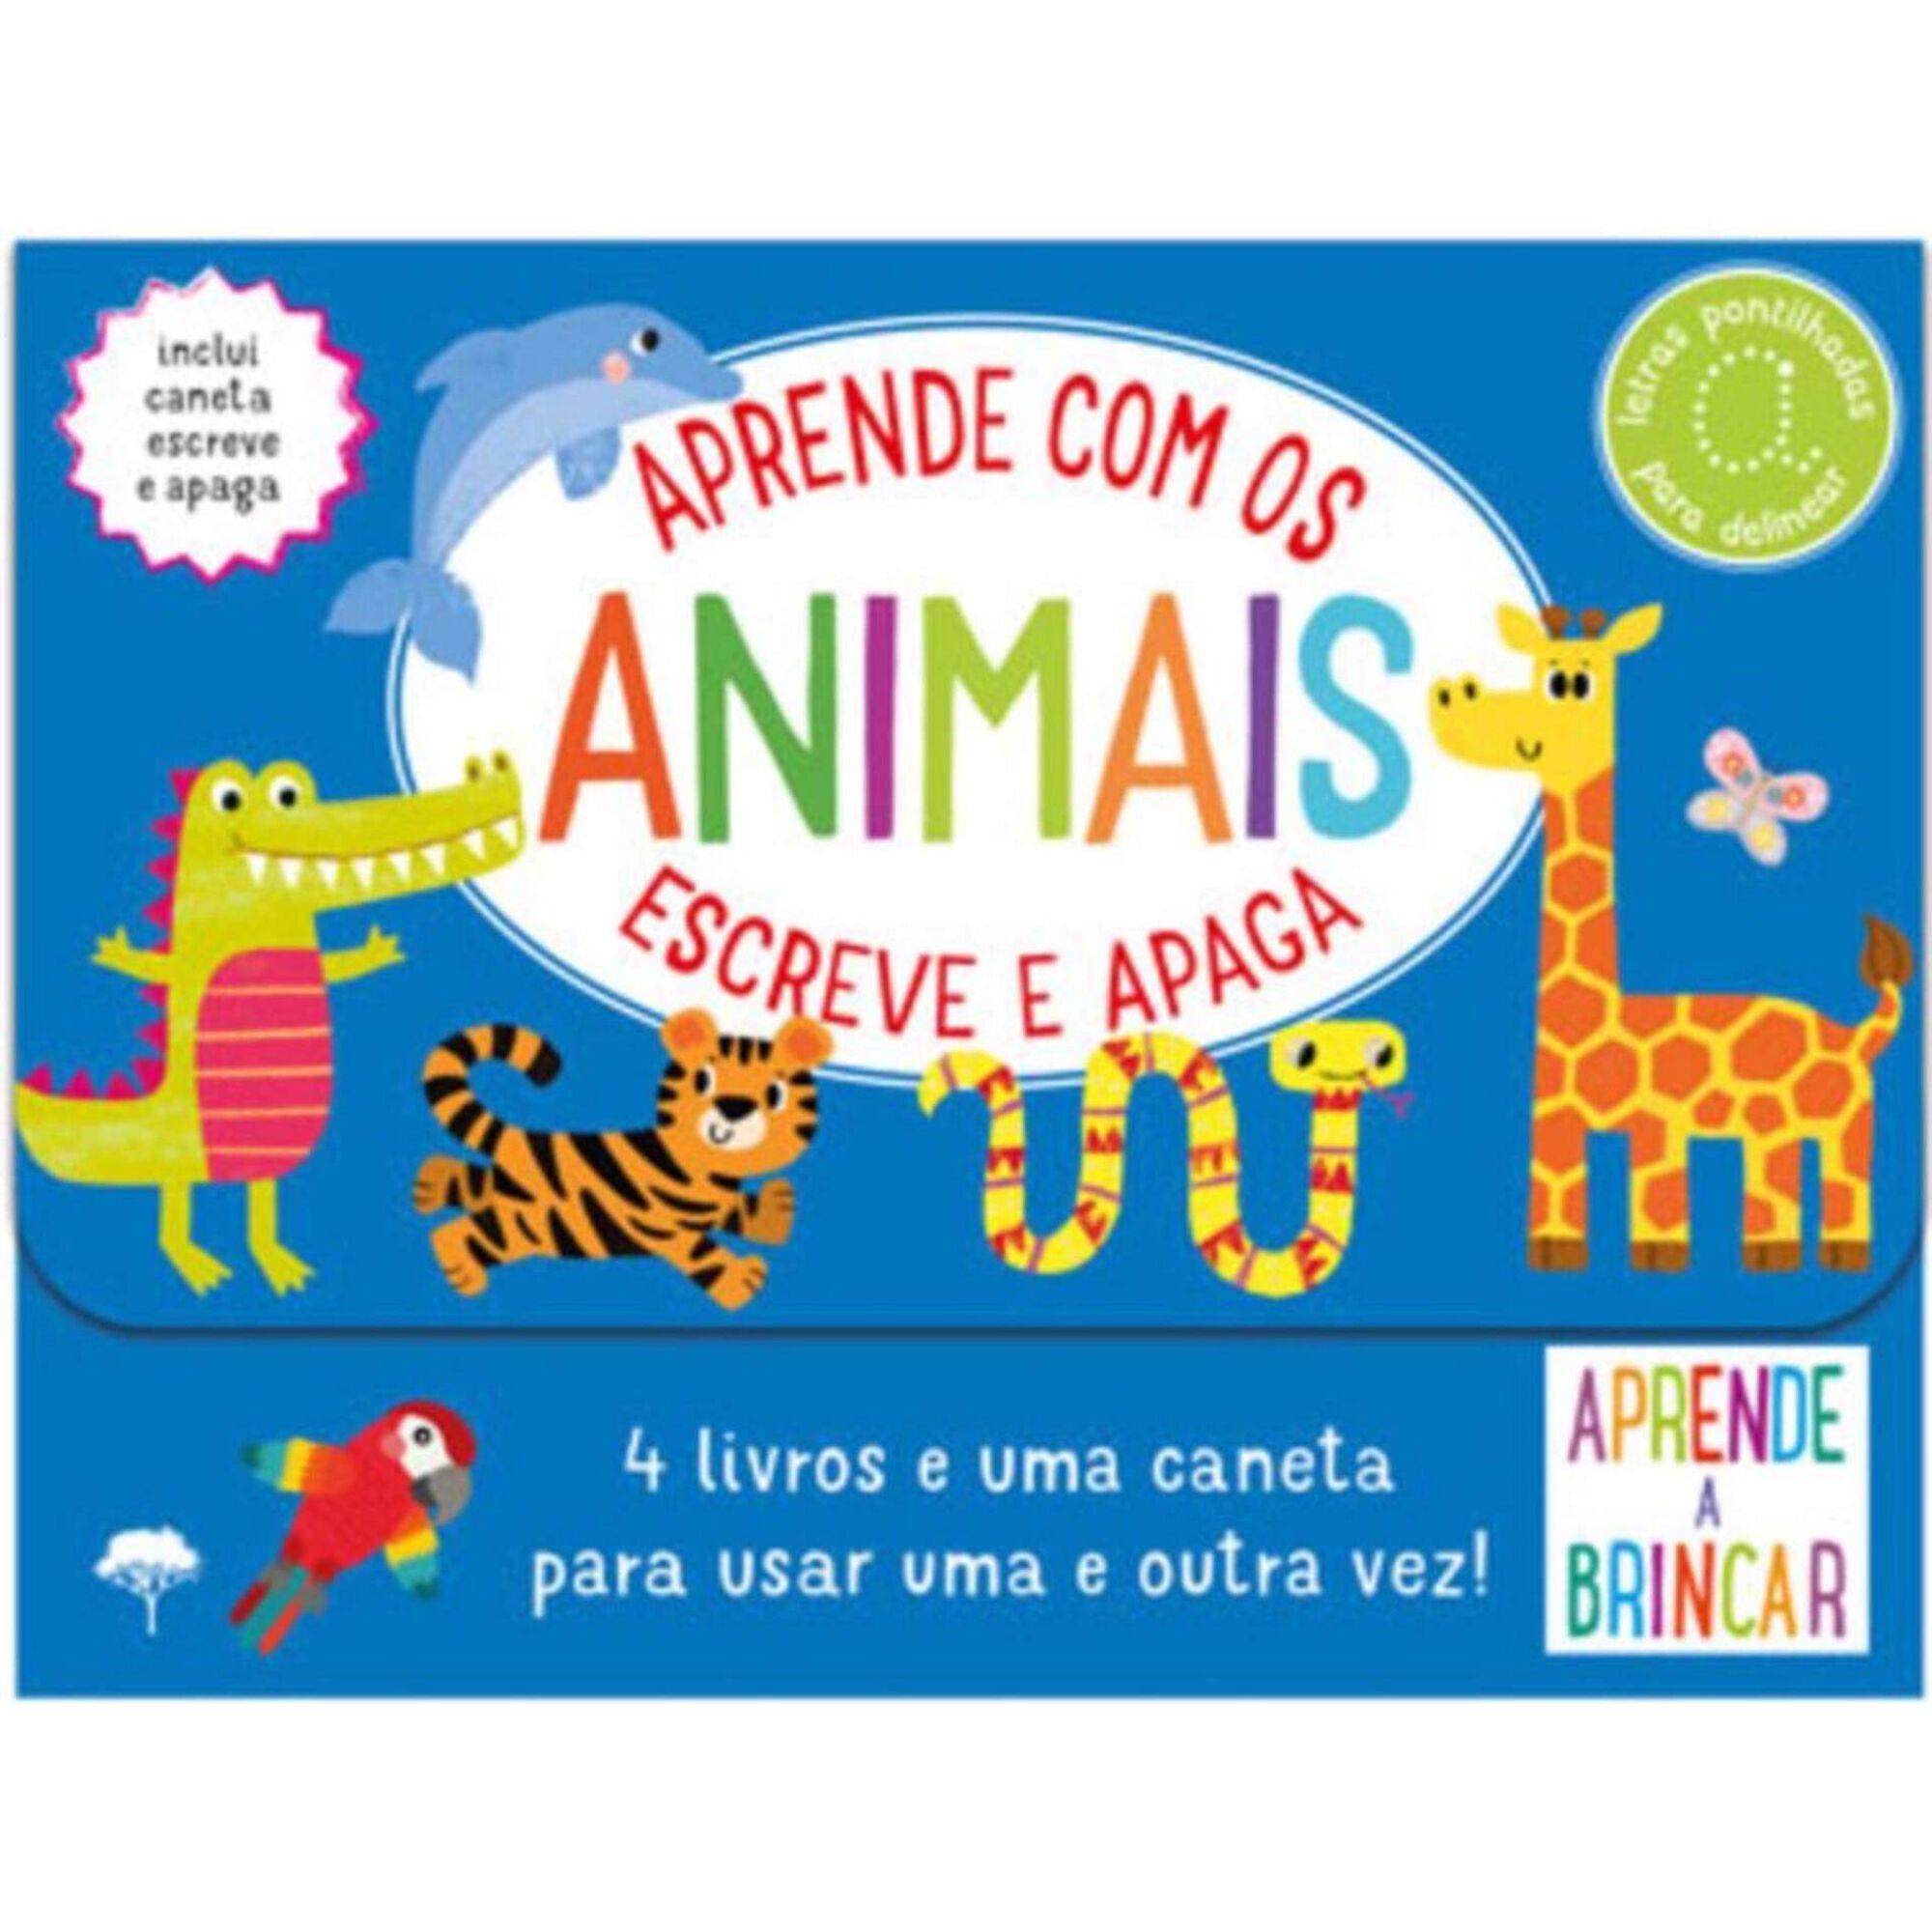 Escreve e Apaga - Aprende com os Animais